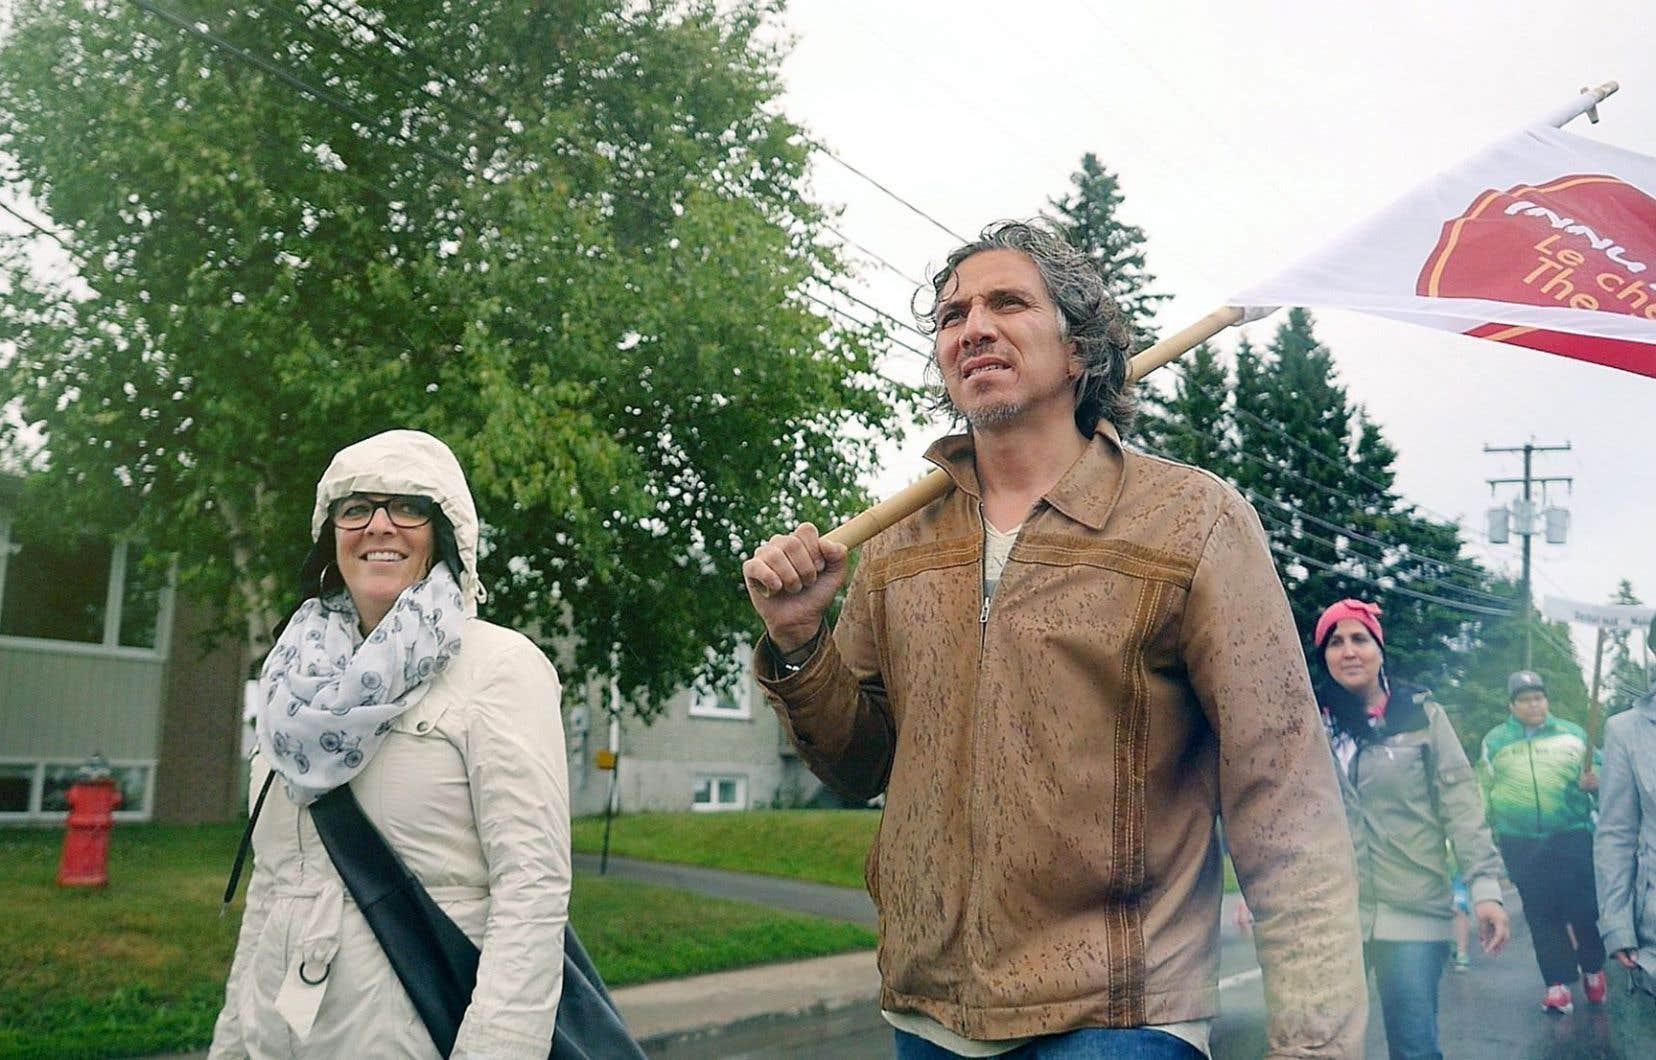 C'est à la suite d'une profonde dépression, en 2008, que Stanley Vollant se retrouva sur la route de Compostelle, théâtre de cette vision qui engendra en 2010 l'initiative Innu meshkenu, ou route des humains, un projet axé sur la marche ouvert tant aux autochtones qu'aux allochtones.